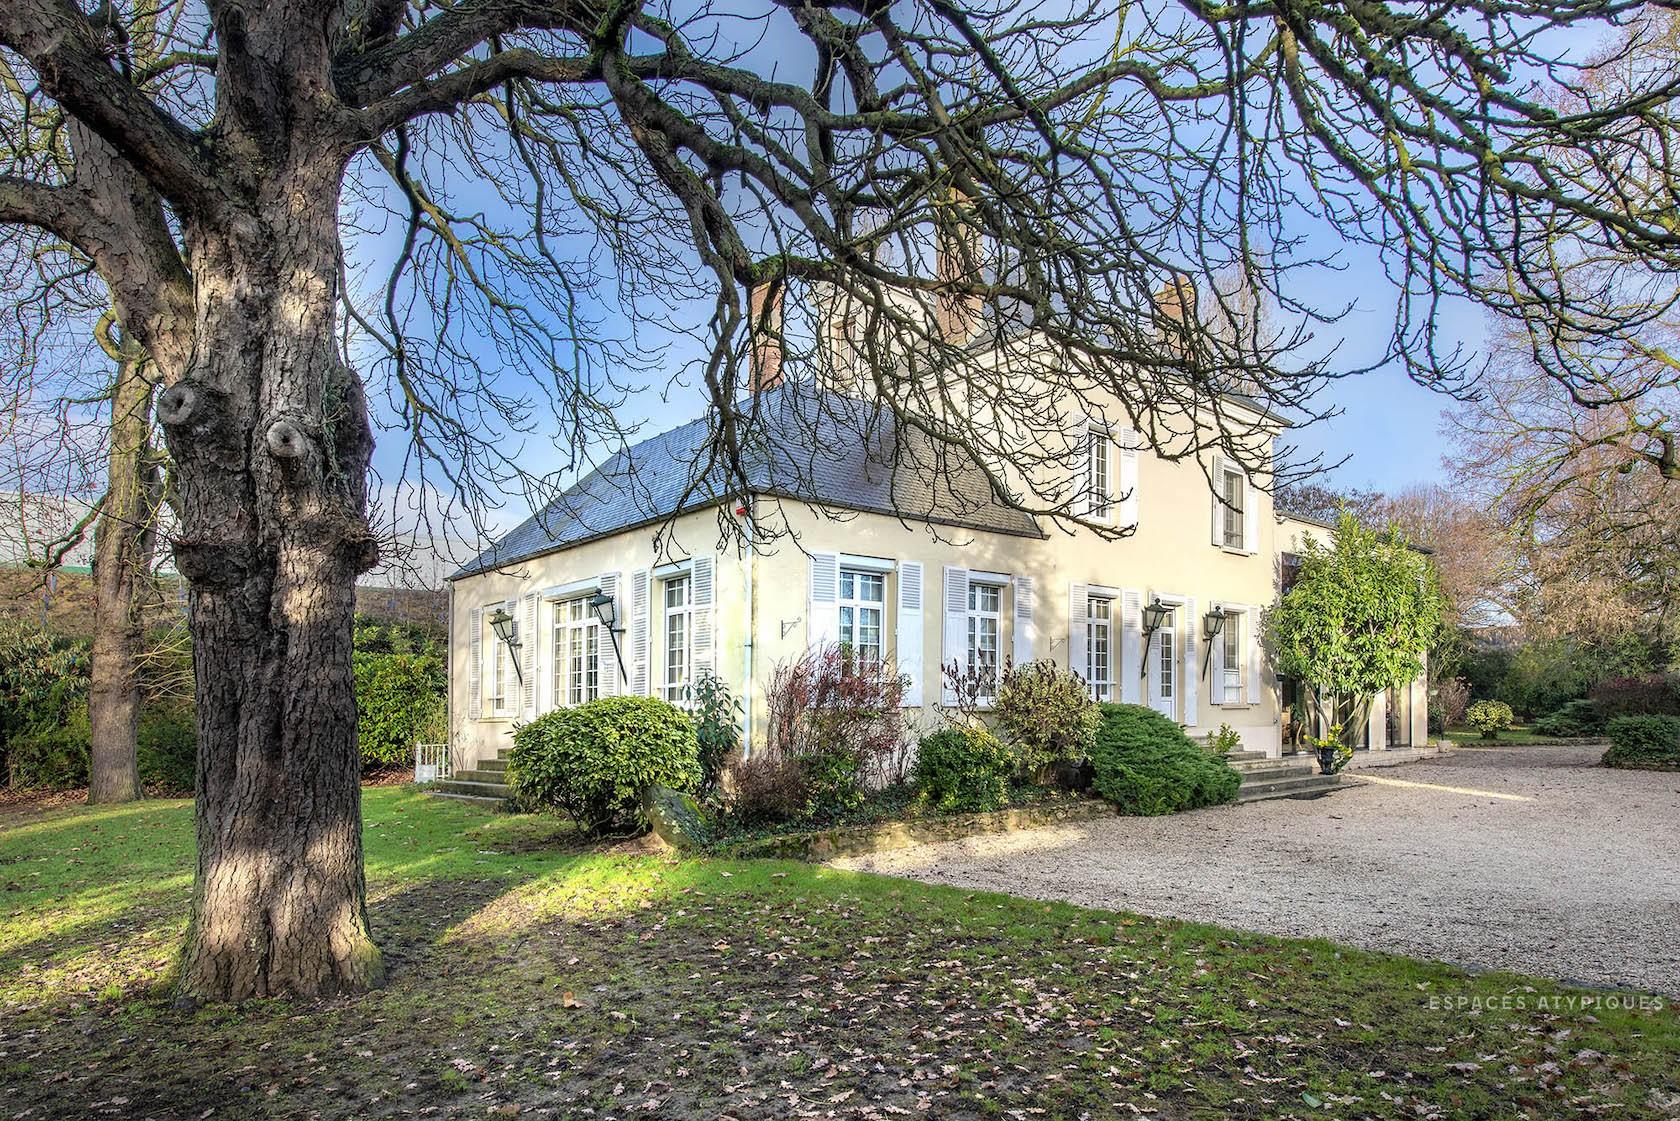 Moissy Cramayel : Beautiful Bourgeois House With Indoor Pool ... tout Piscine De Moissy Cramayel